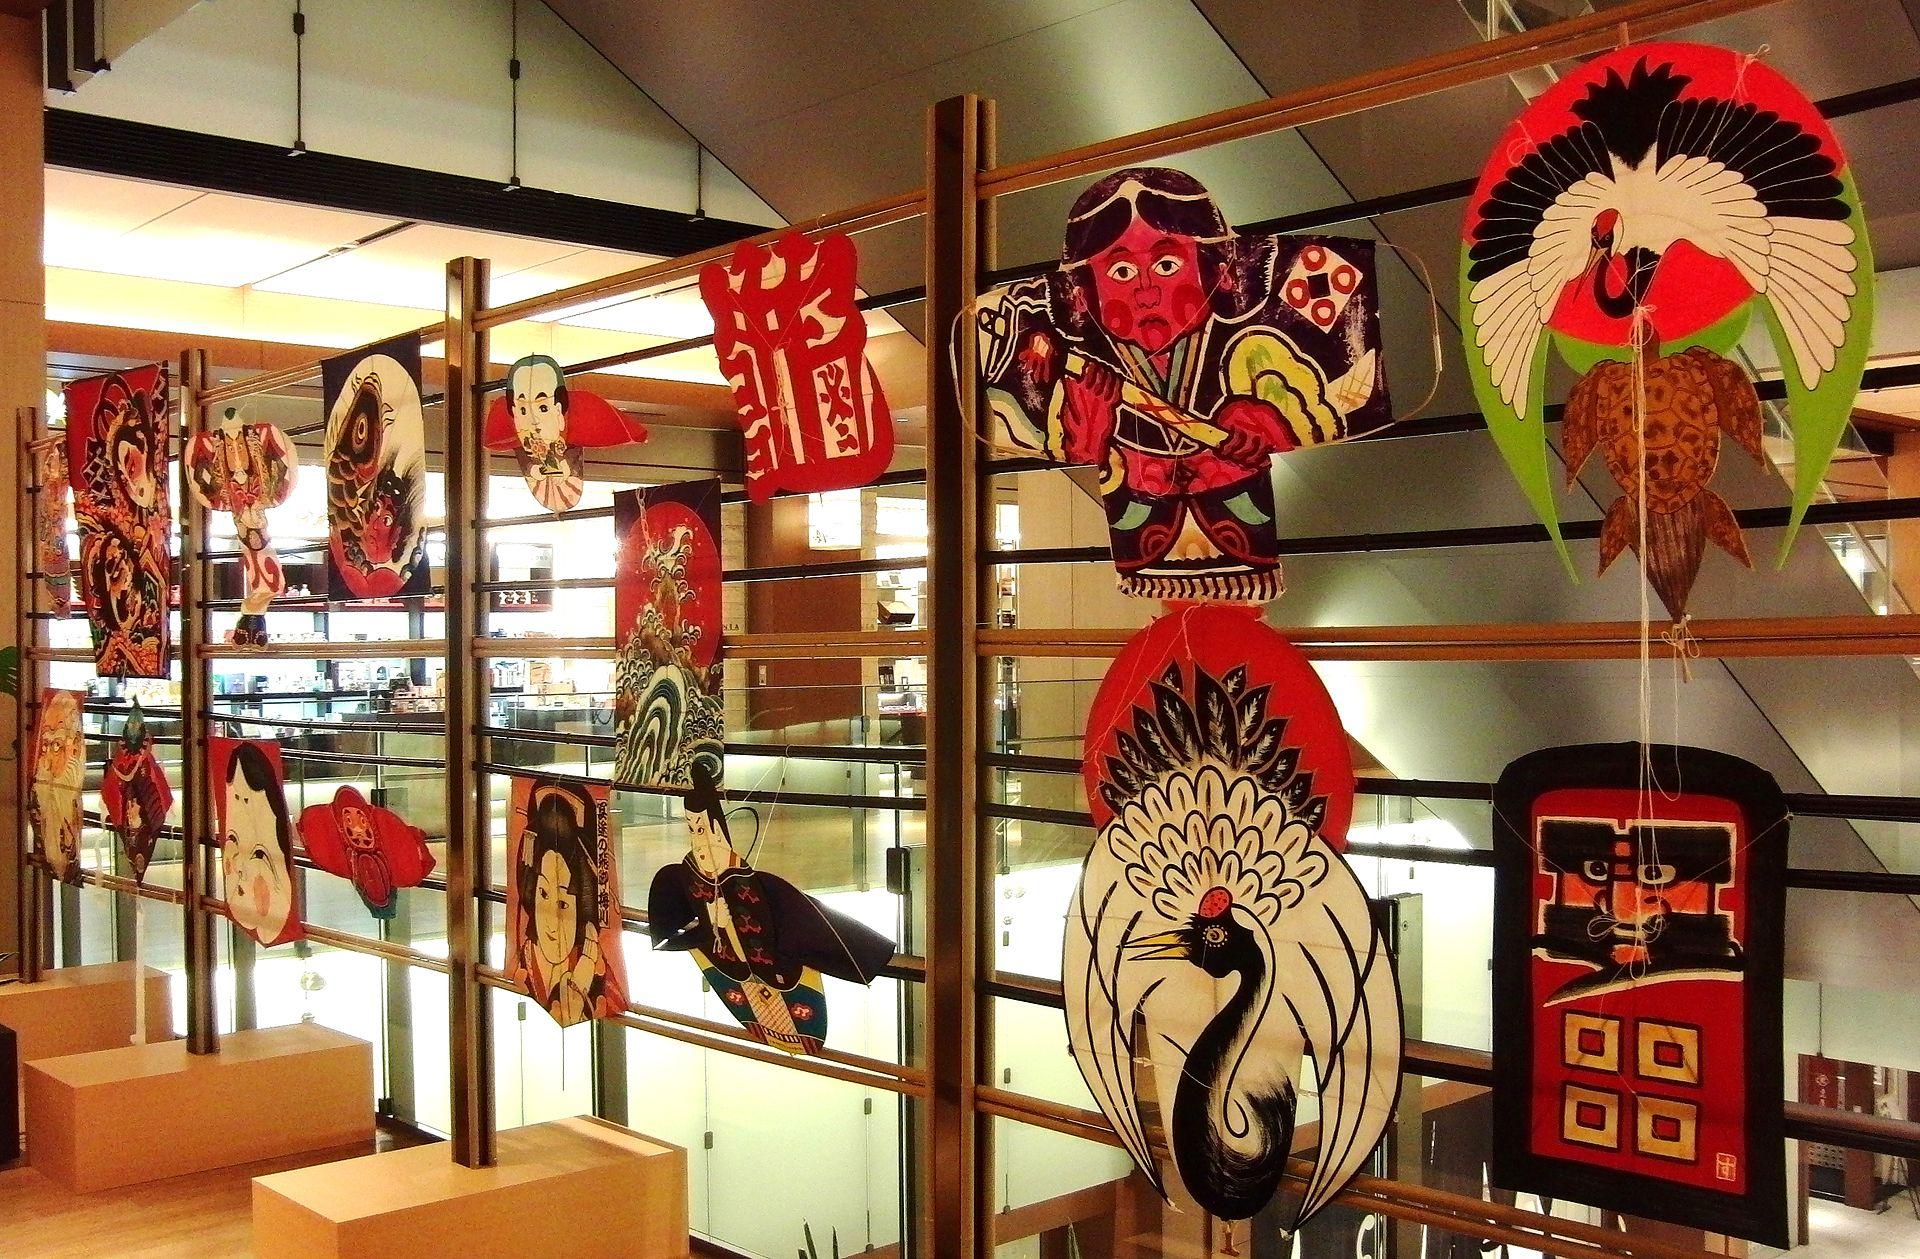 日本的各式风筝